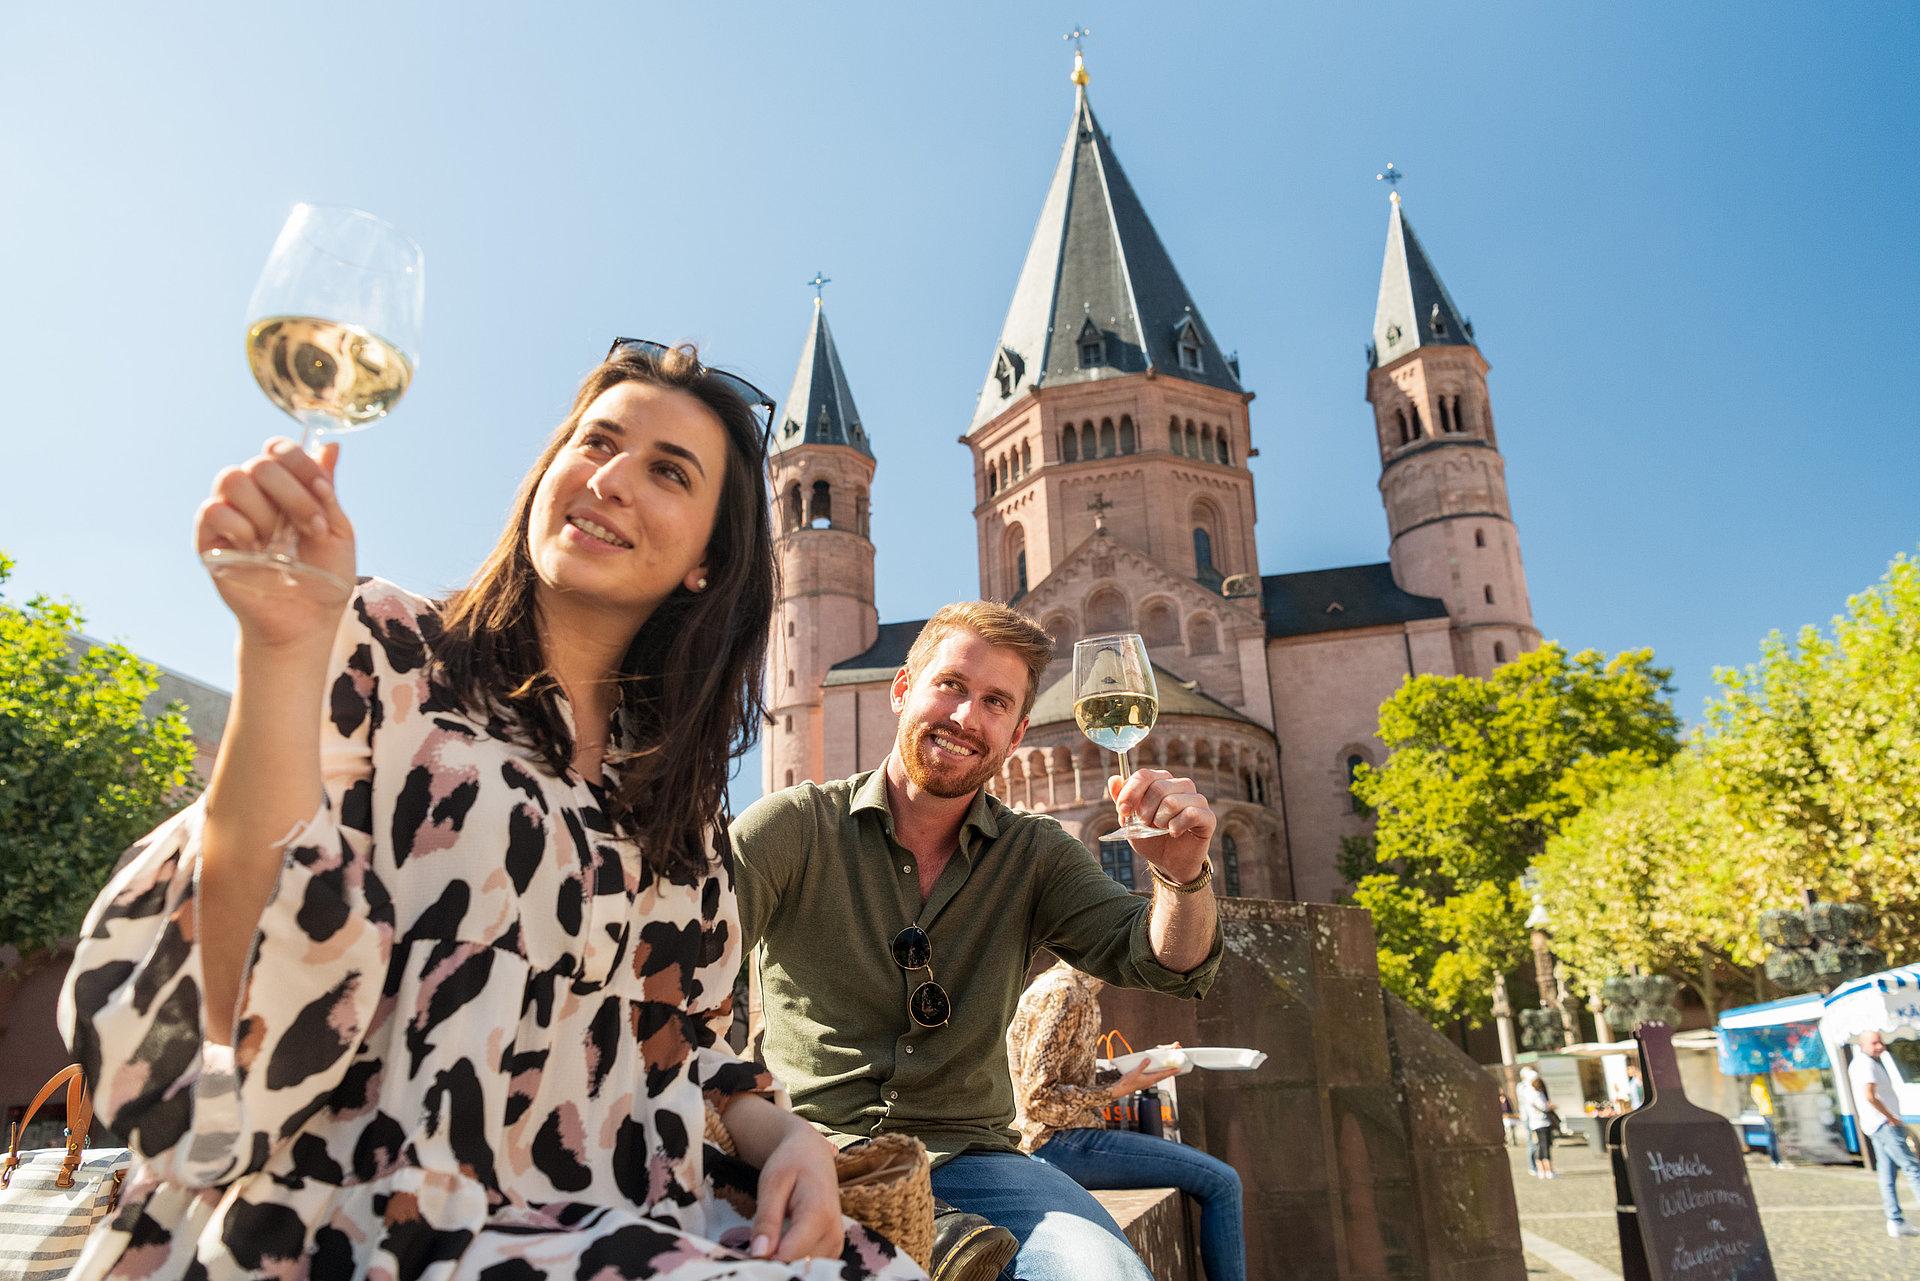 Genieten van wijn op de Liebfrauenplatz bij de Dom van Mainz, Rijn-Hessen